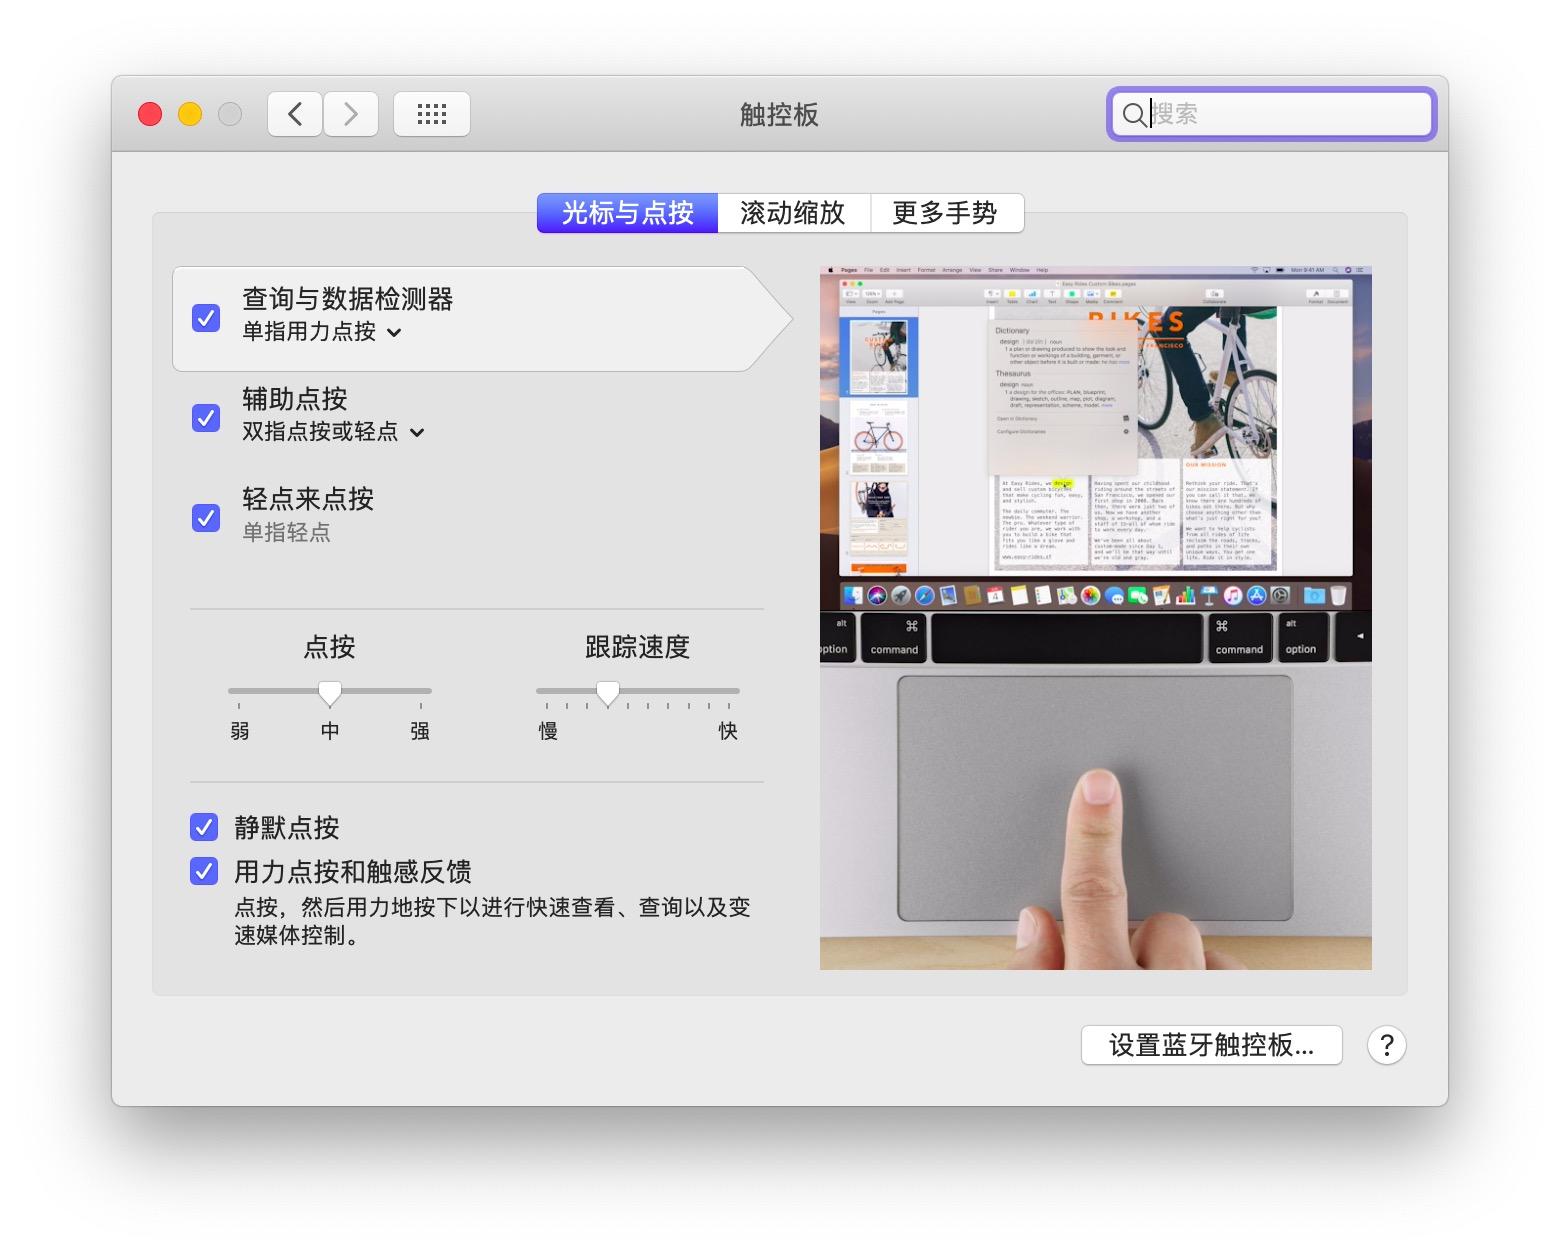 华硕FL5900U黑苹果触控板修复包2